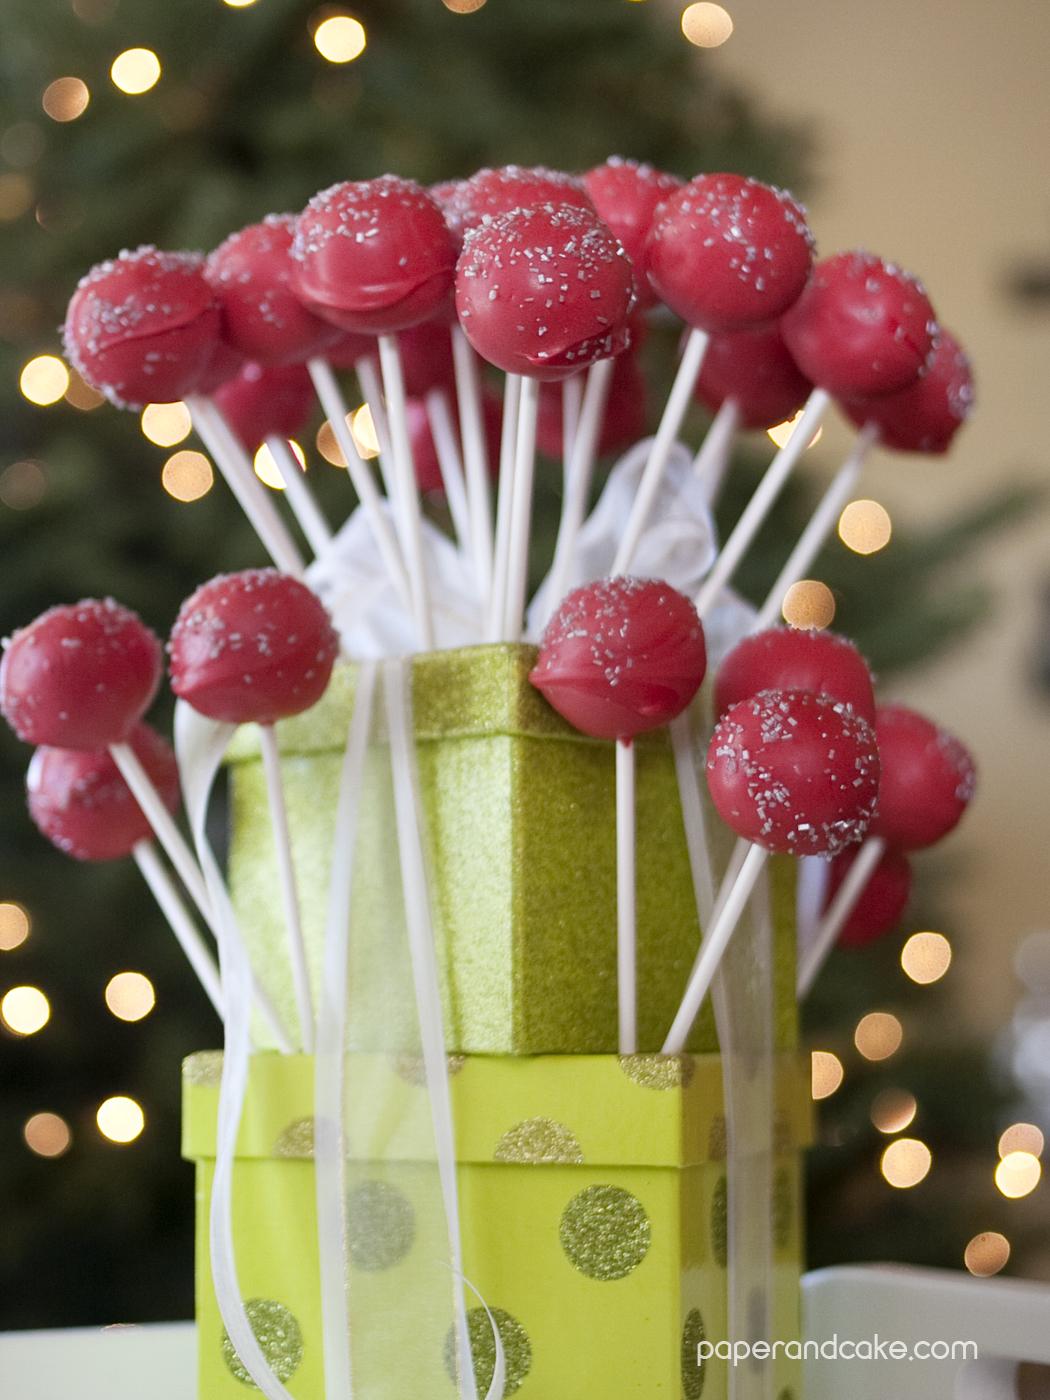 Displaying Christmas Cake Pops